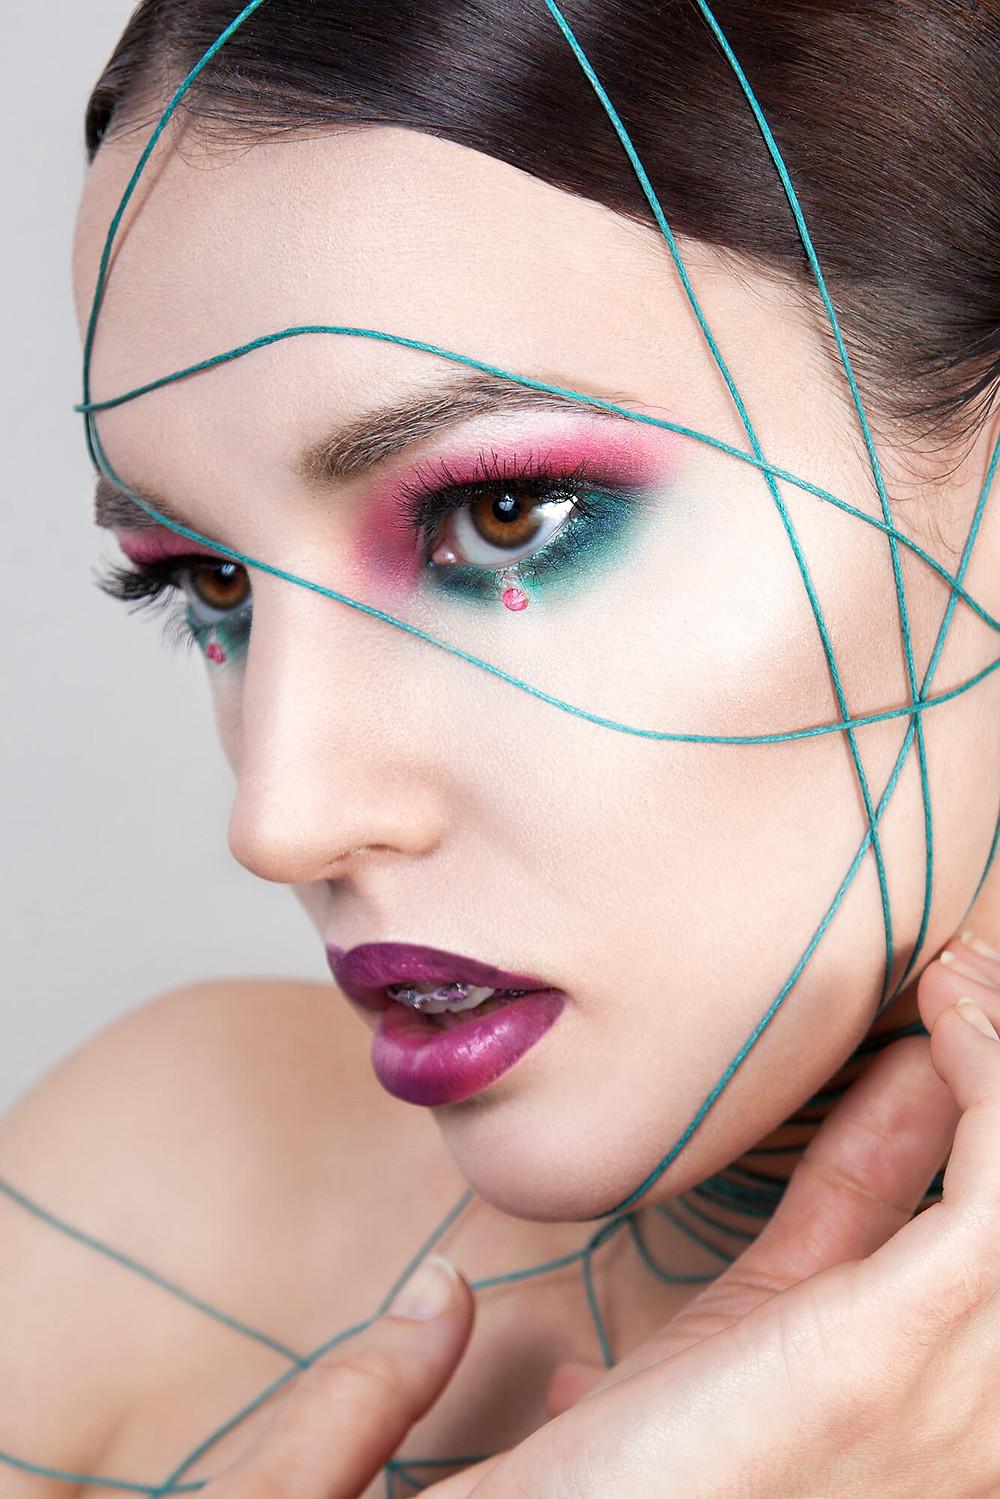 Mocne spojrzenie, sesja beauty w wyrazistej, kolorowej stylizacji